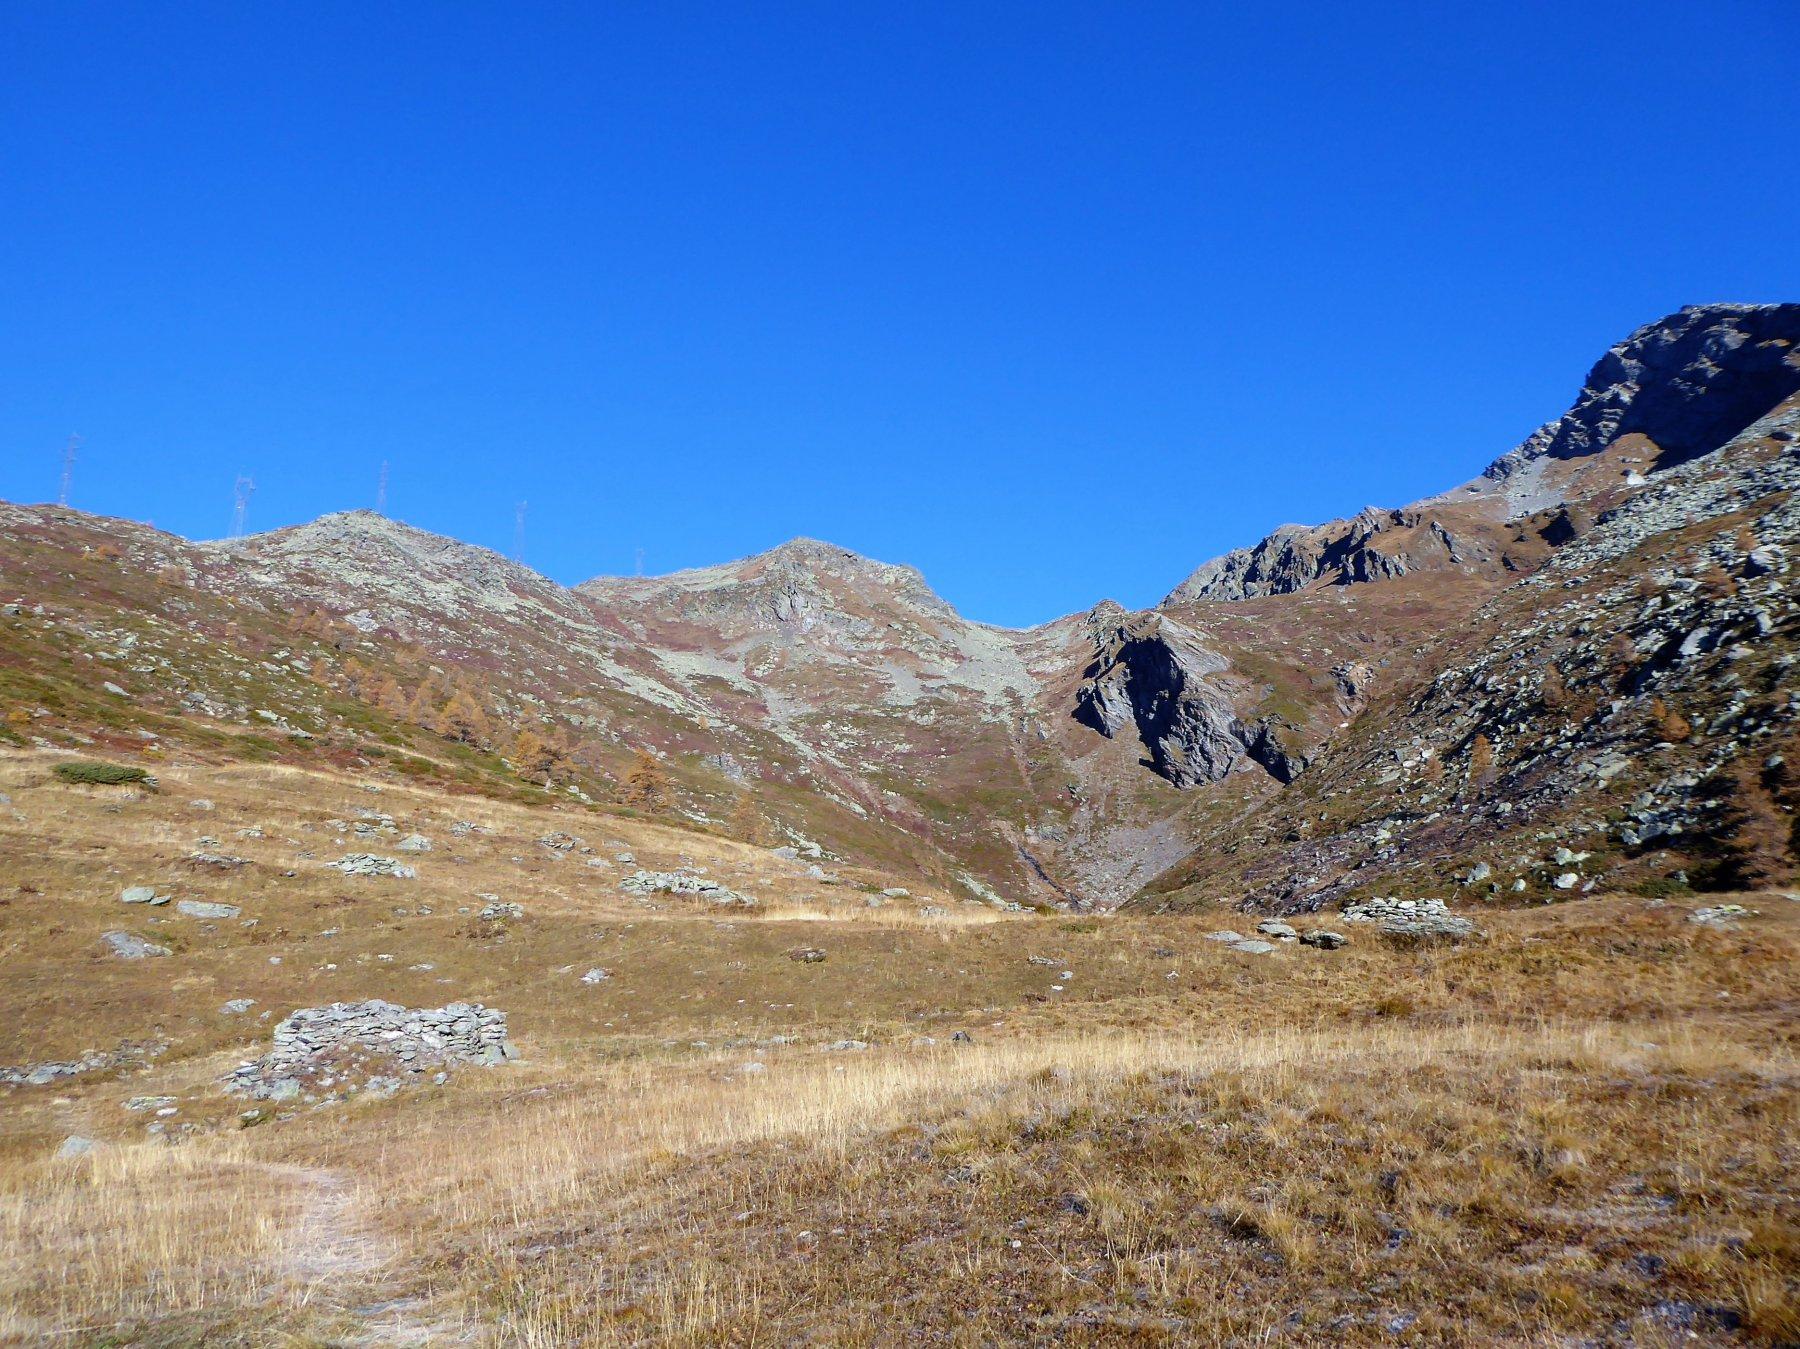 Salendo verso il colle est di Barasson, con la Tete a sinistra